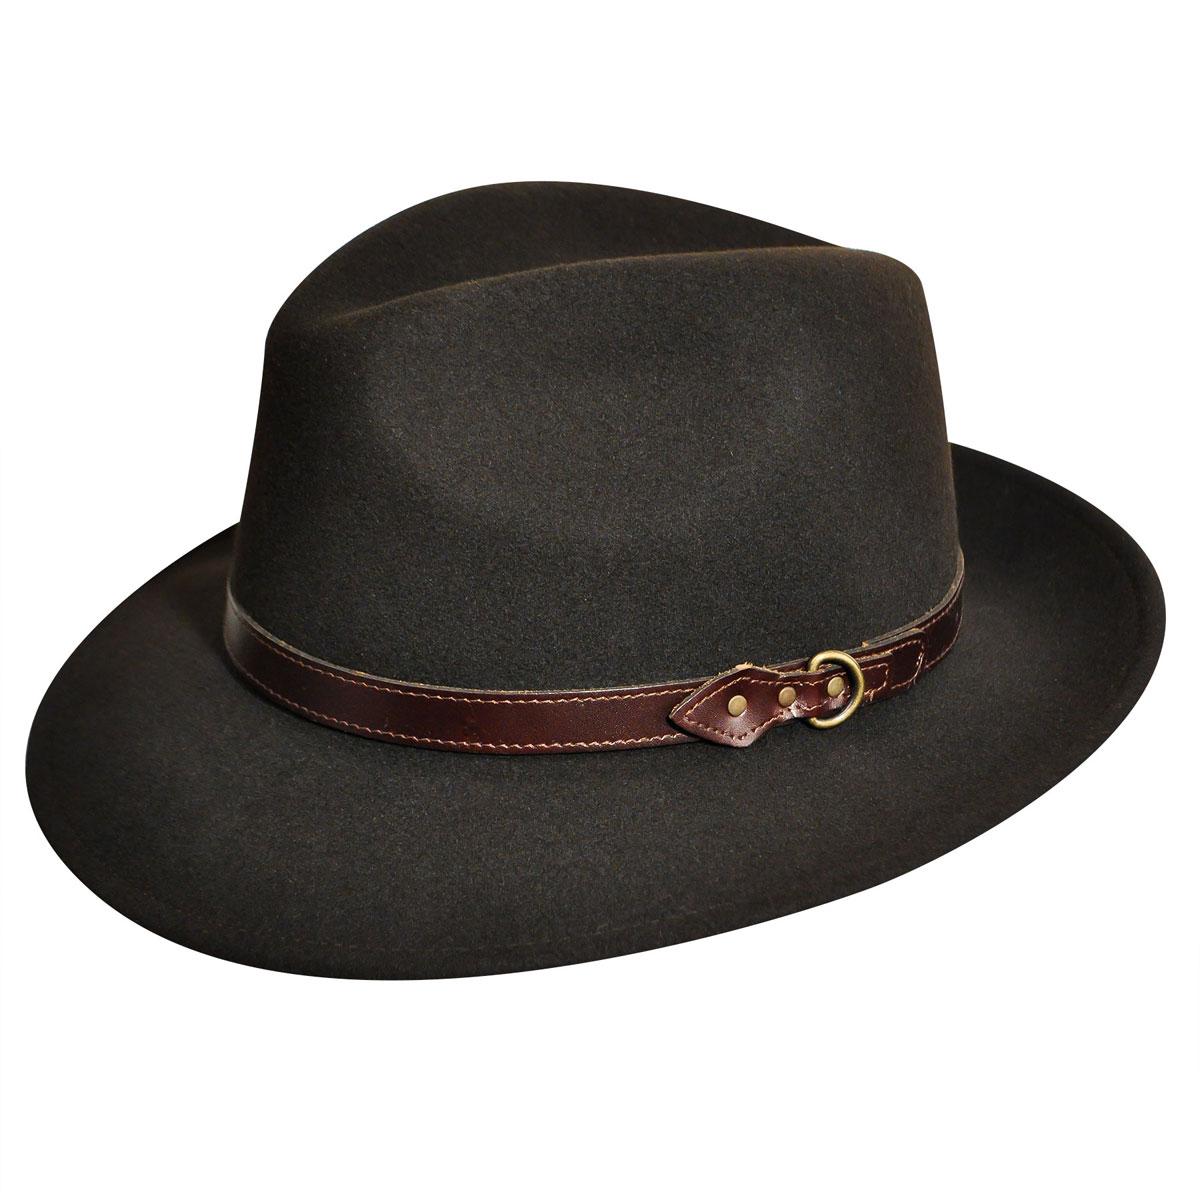 Country Gentleman Dunmore GentleFelt Fedora in Beaver